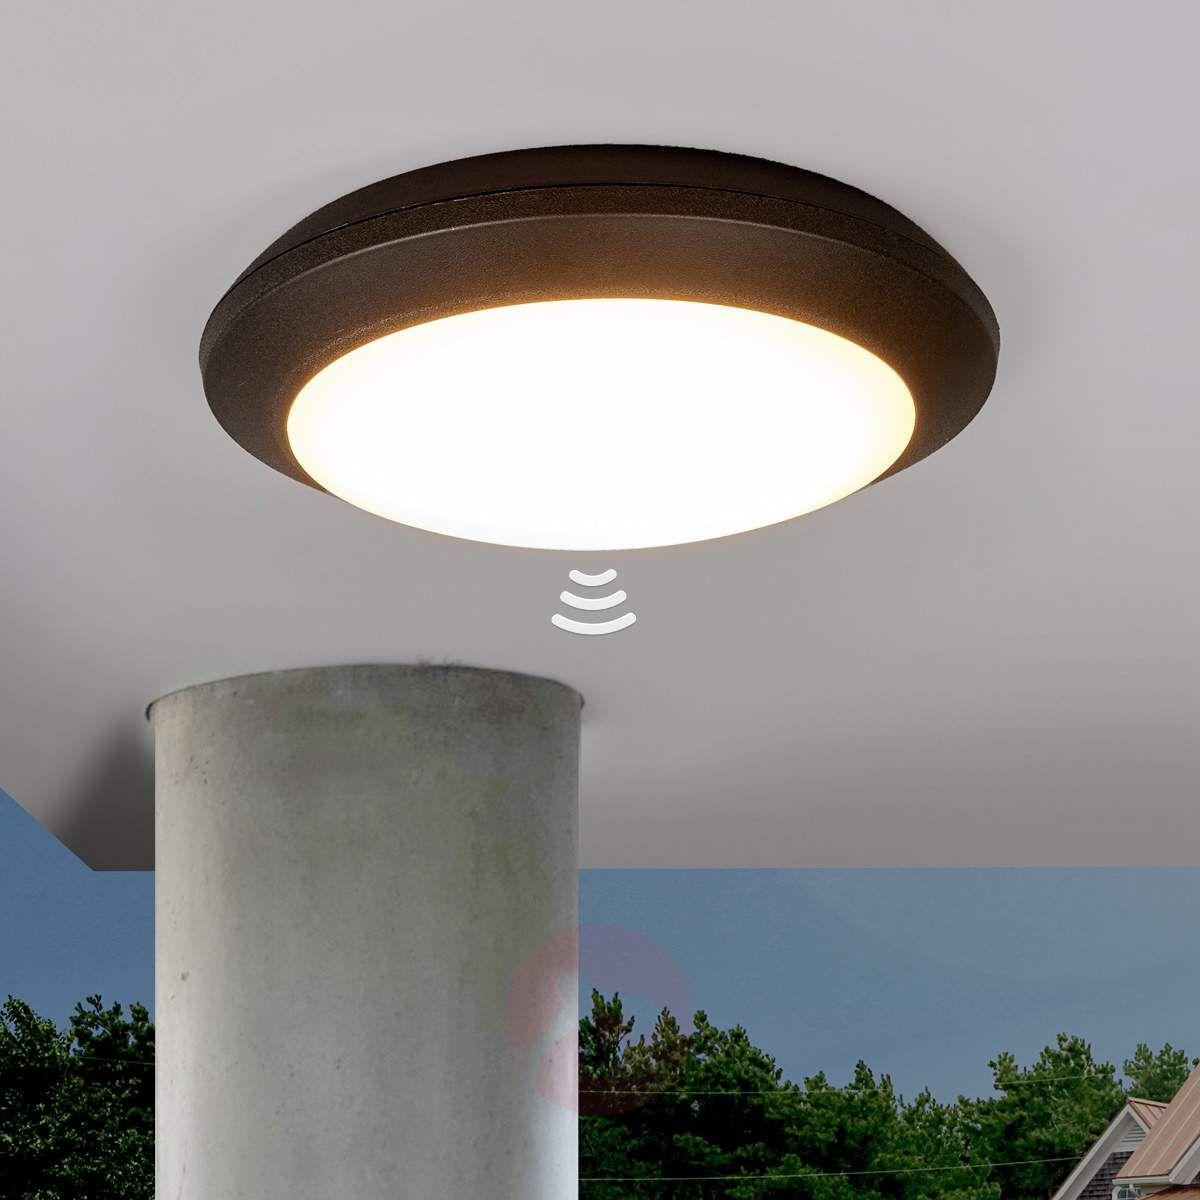 Lampa Sufitowa Led Umberta Z Czujnikiem Lampy Sufitowe Lampa Sufitowa Lampy